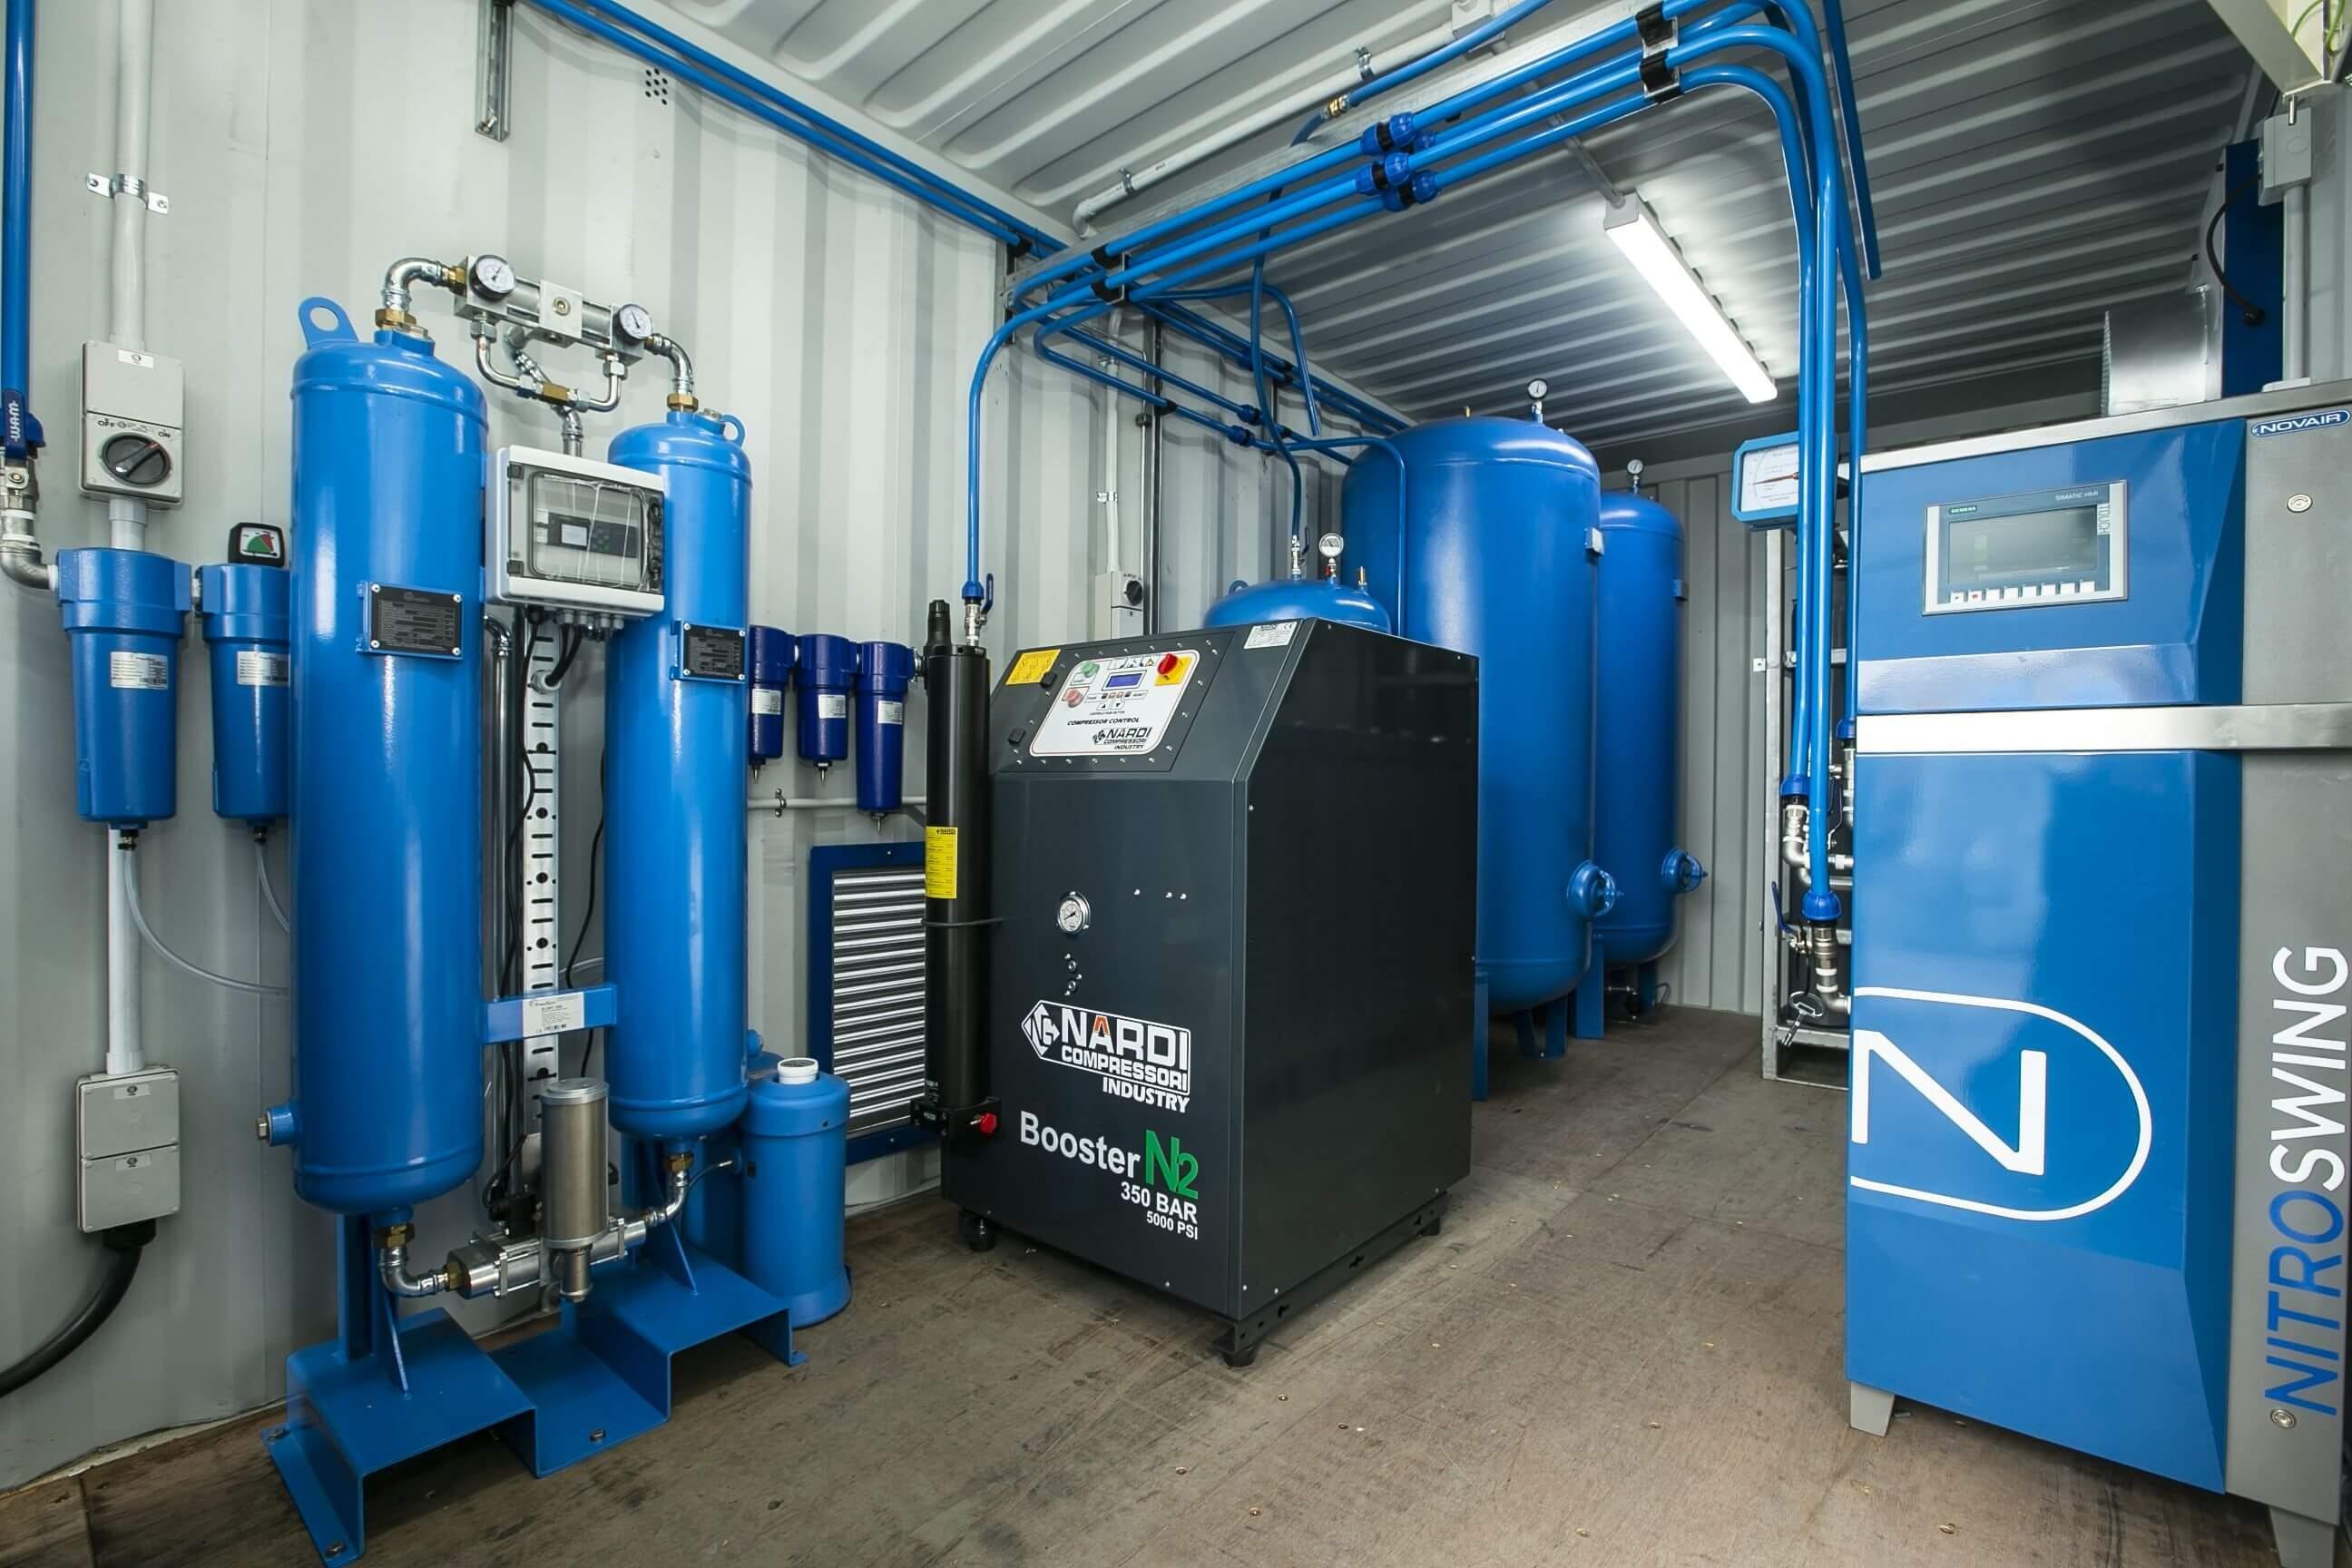 Containerised nitrogen generator - image 2